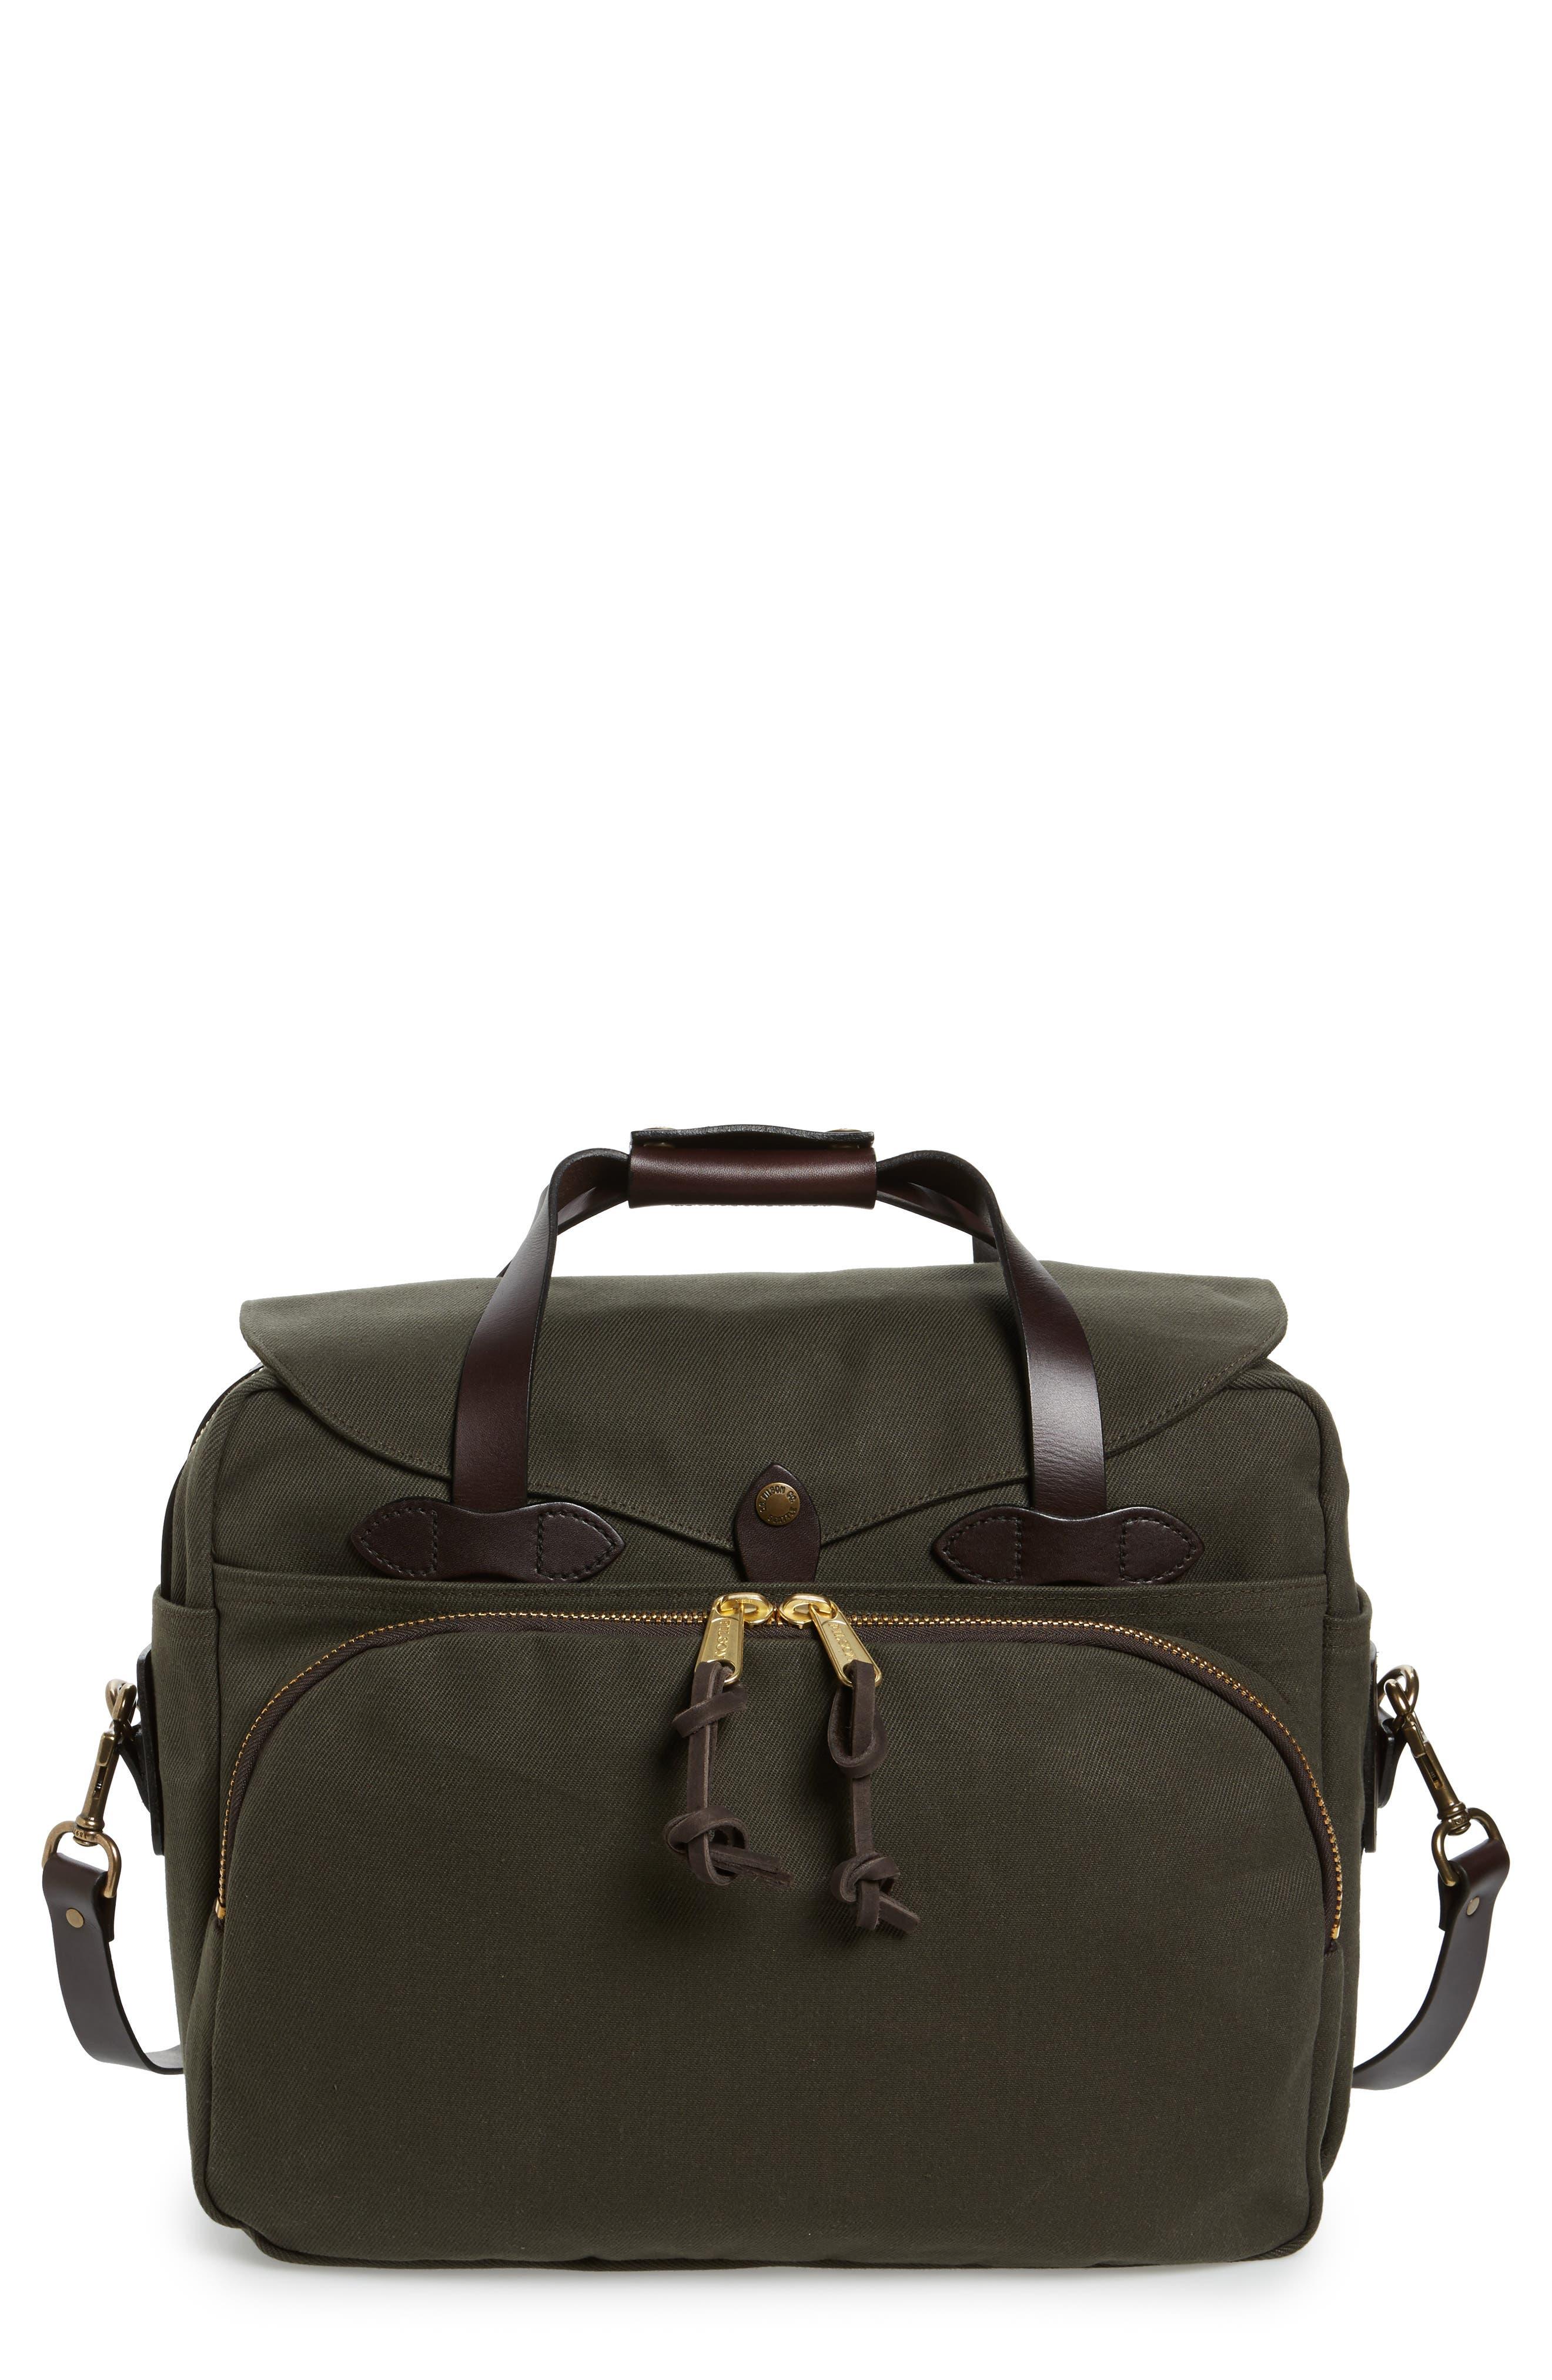 Alternate Image 1 Selected - Filson Padded Laptop Bag